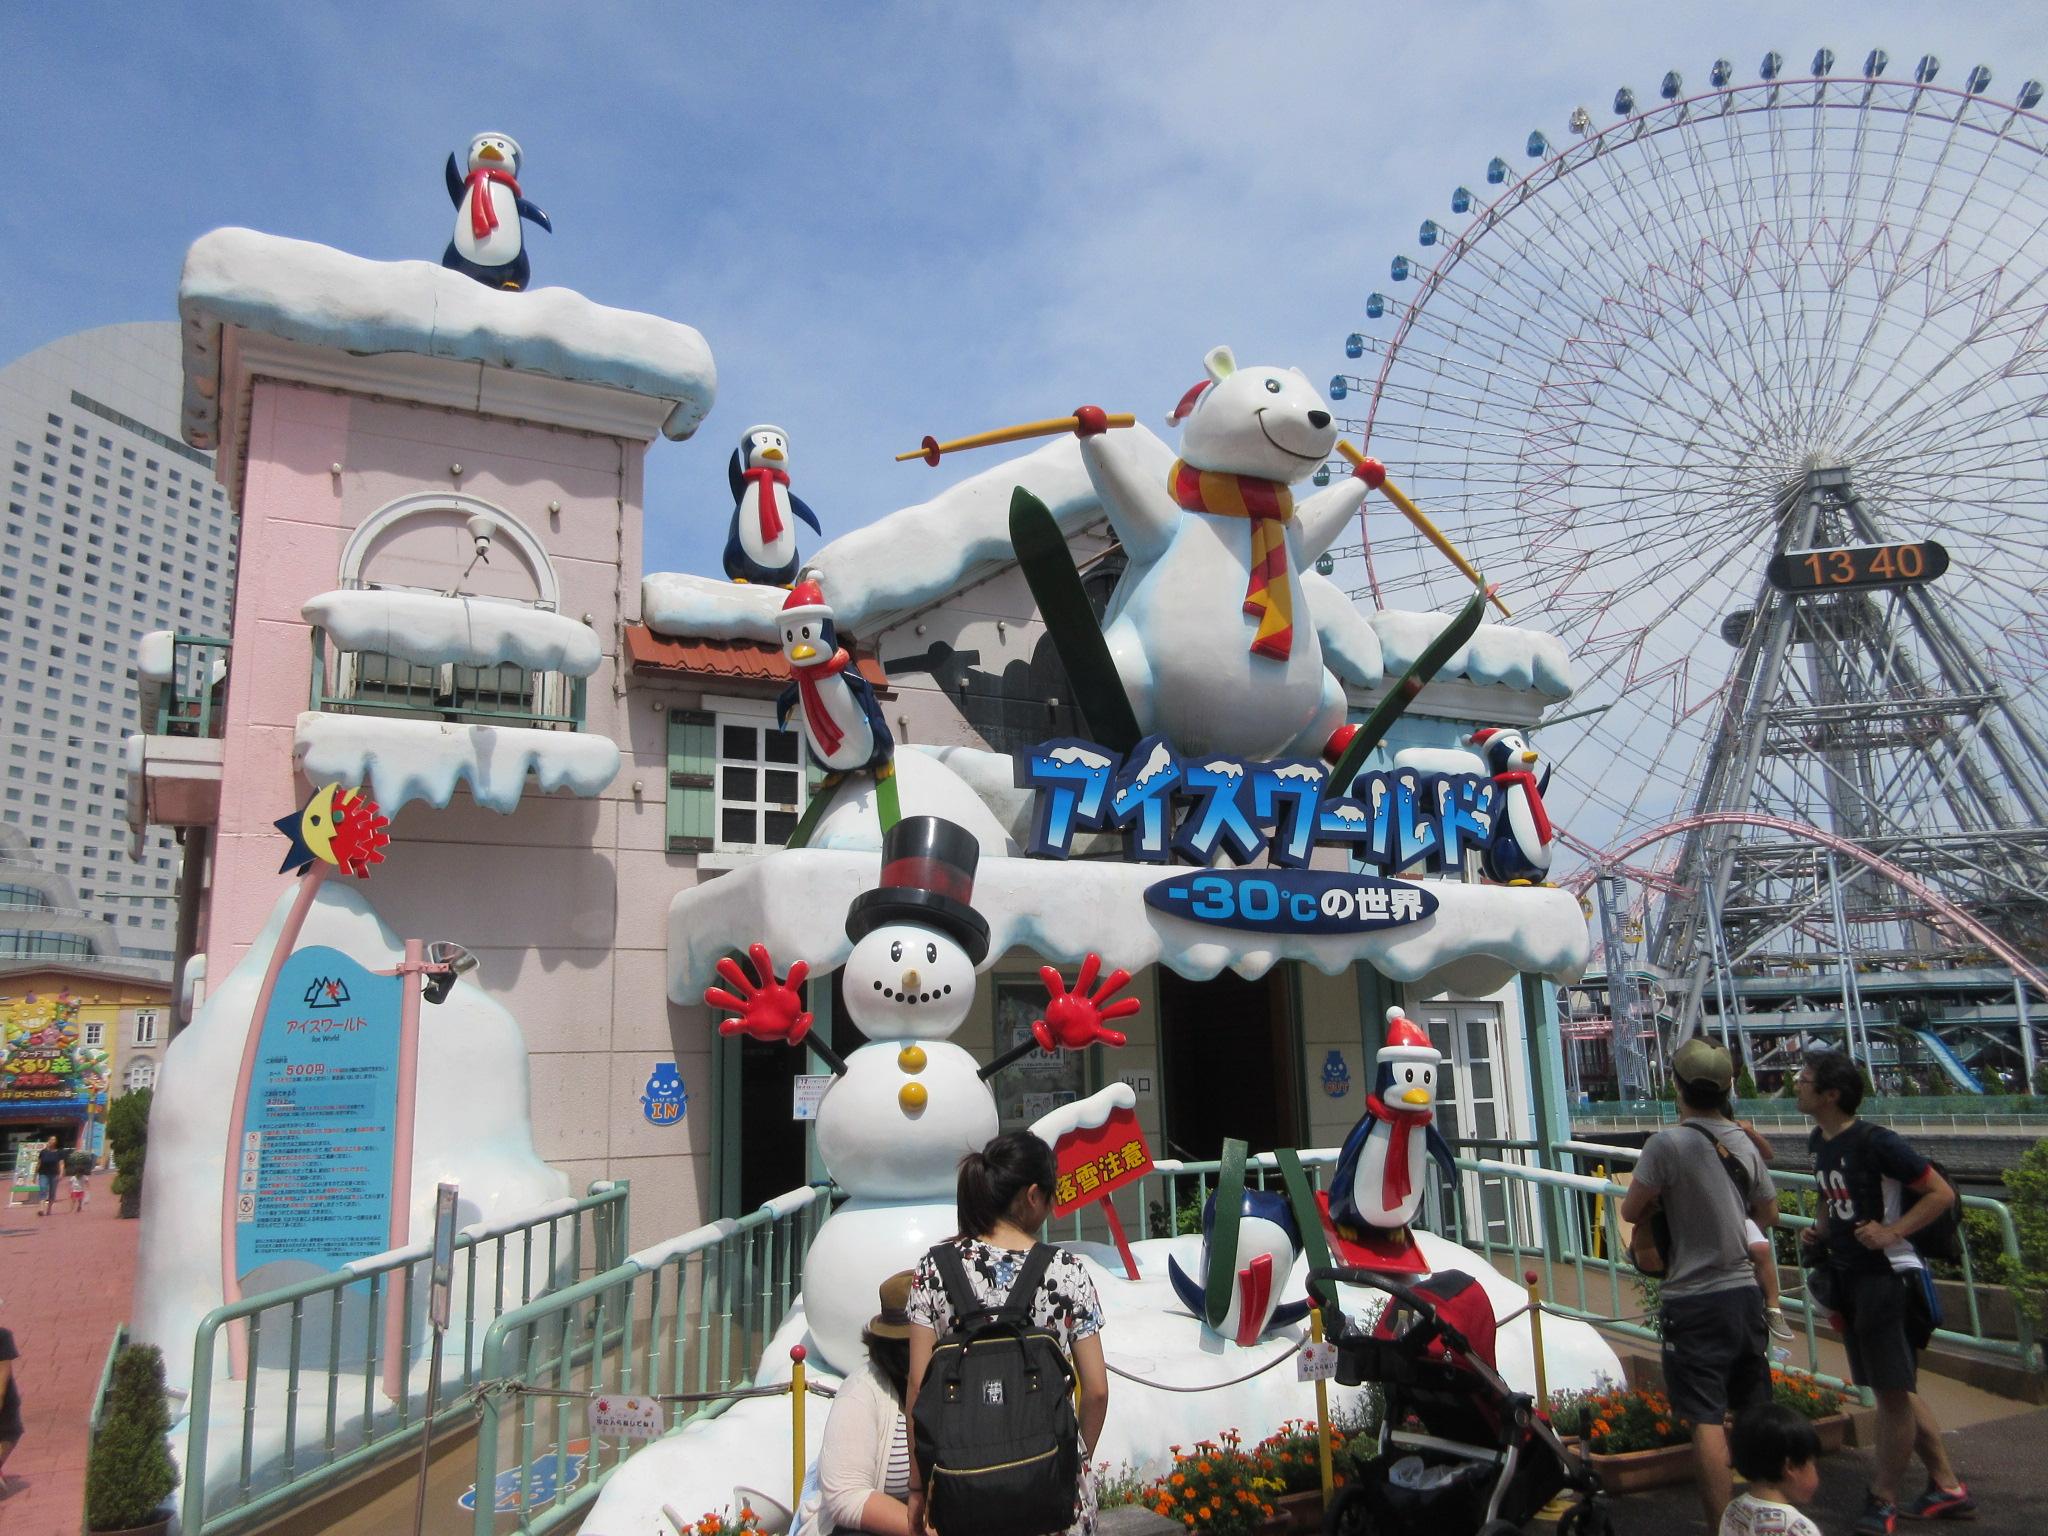 子供 遊べる 夏休み:涼しく遊べる場所はここ!暑い日に子供と横浜で、涼しく過ごす